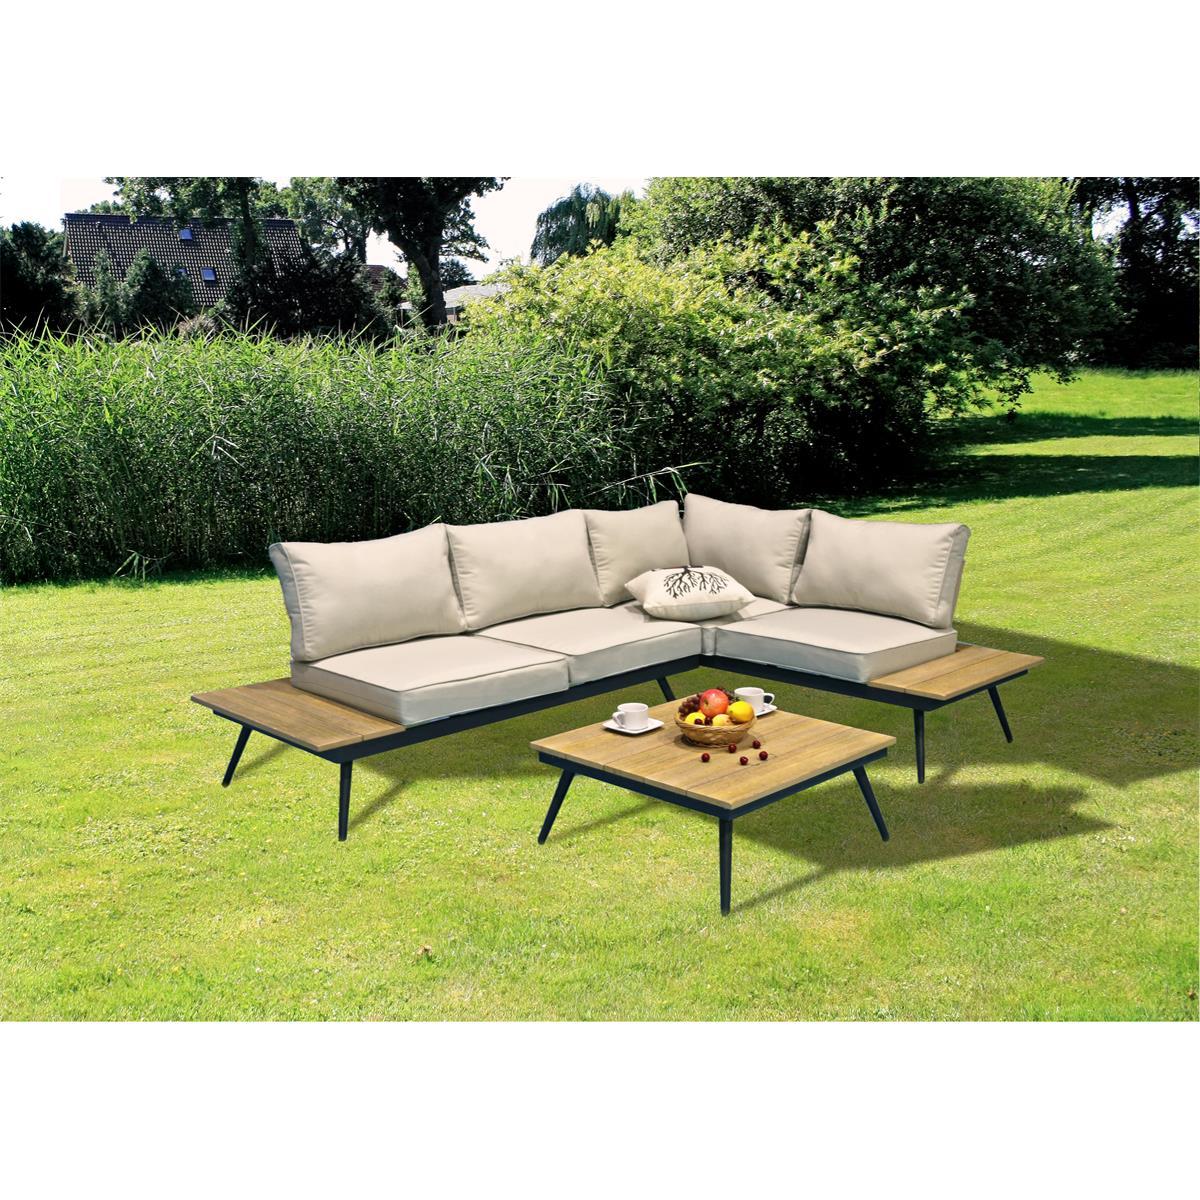 garten lounge set riba terasse balkon vladon m bel. Black Bedroom Furniture Sets. Home Design Ideas